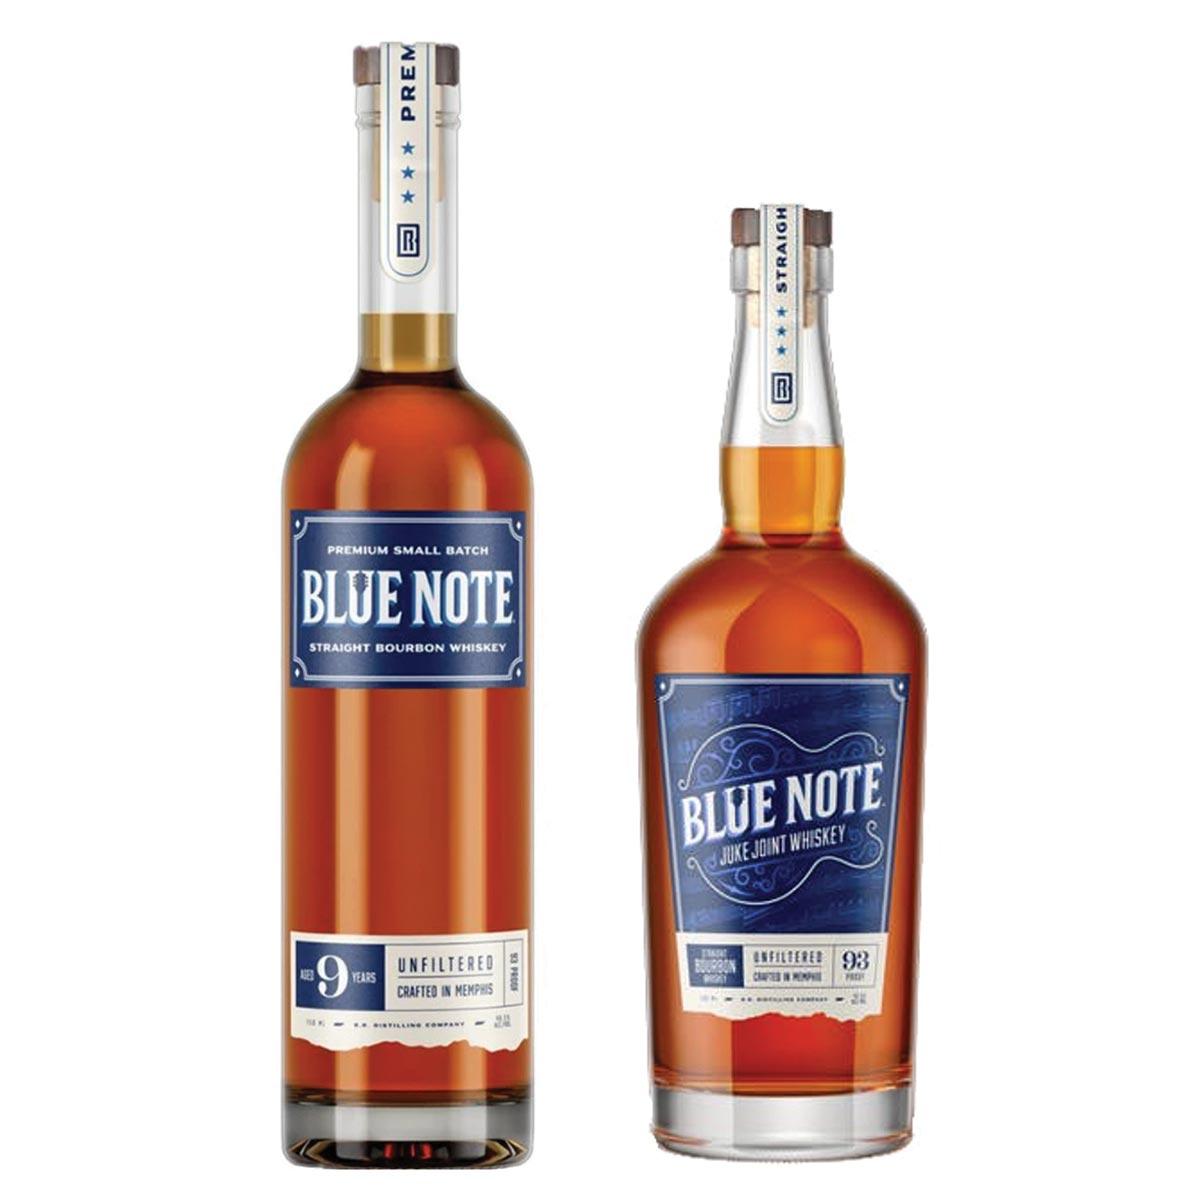 Brescome Barton Launches B.R. Distilling Company Bourbons